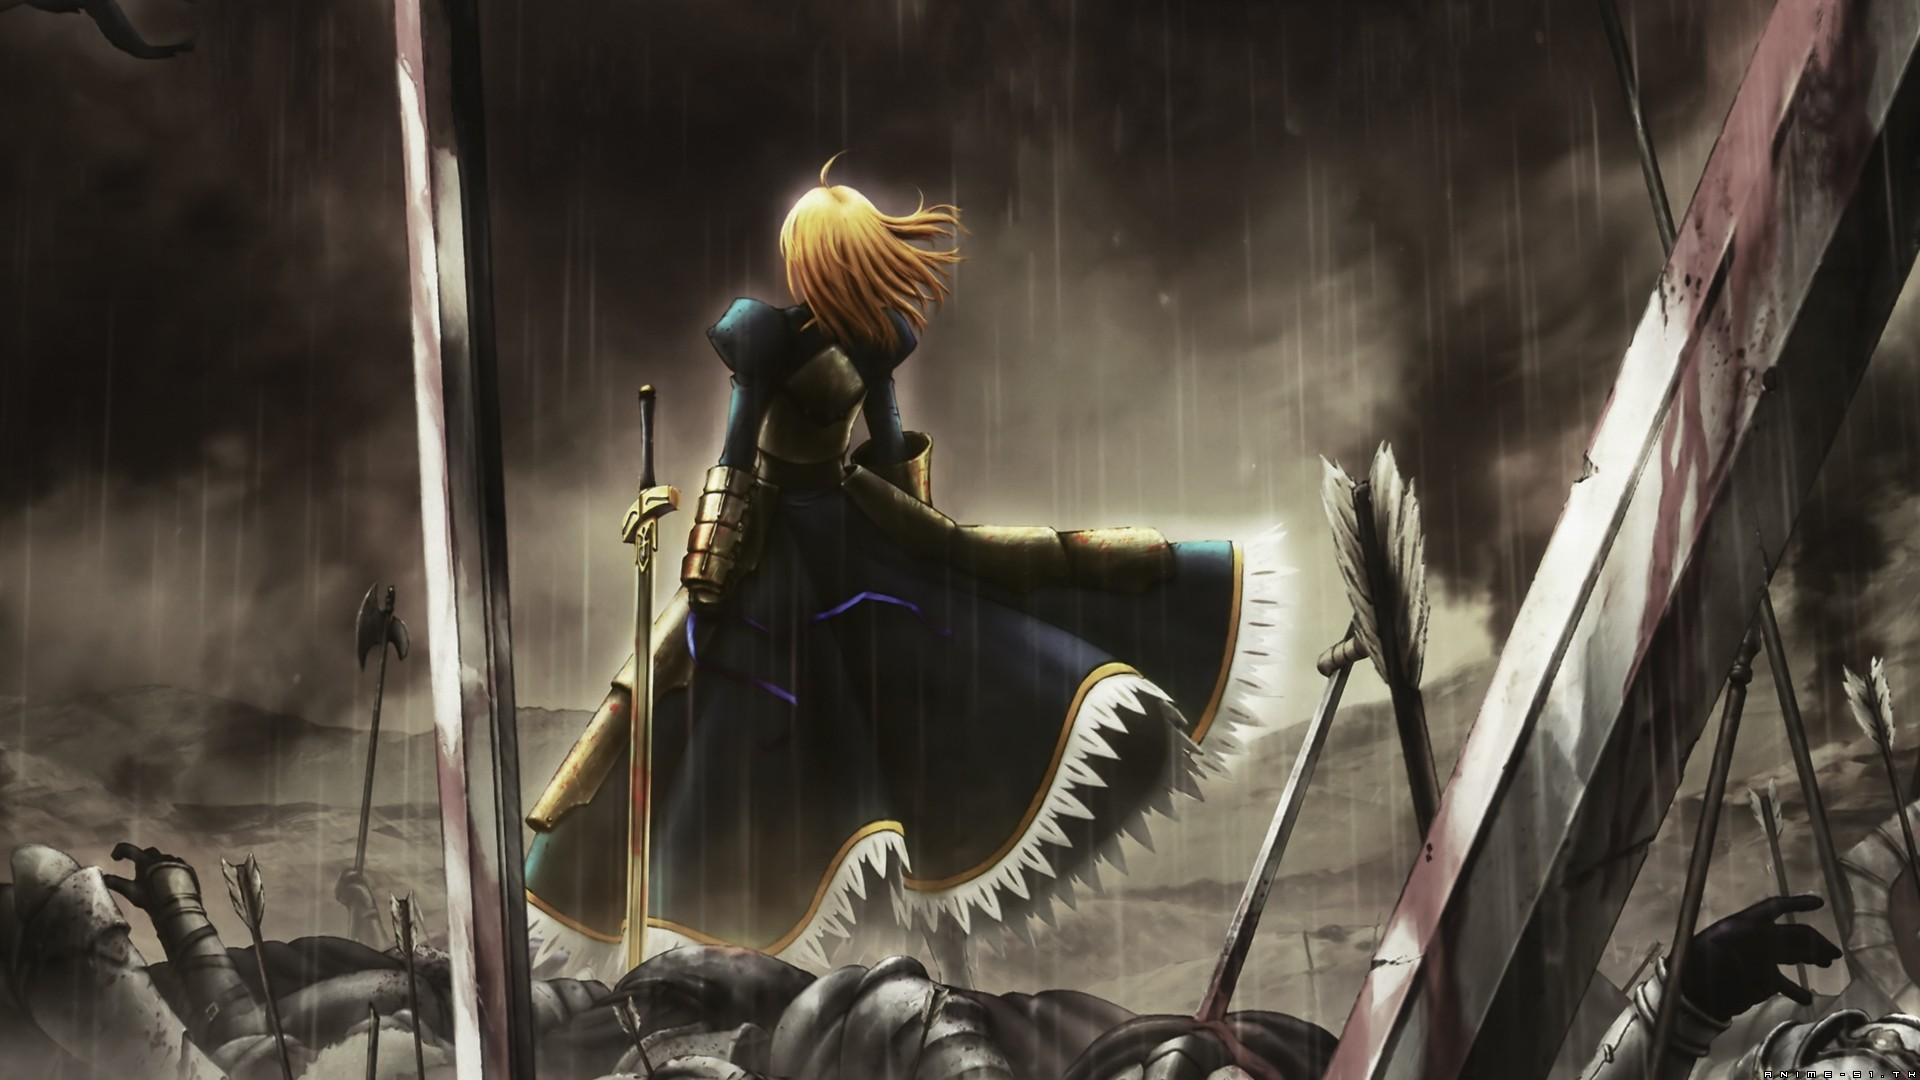 Fate Zero hd wallpaper for pc